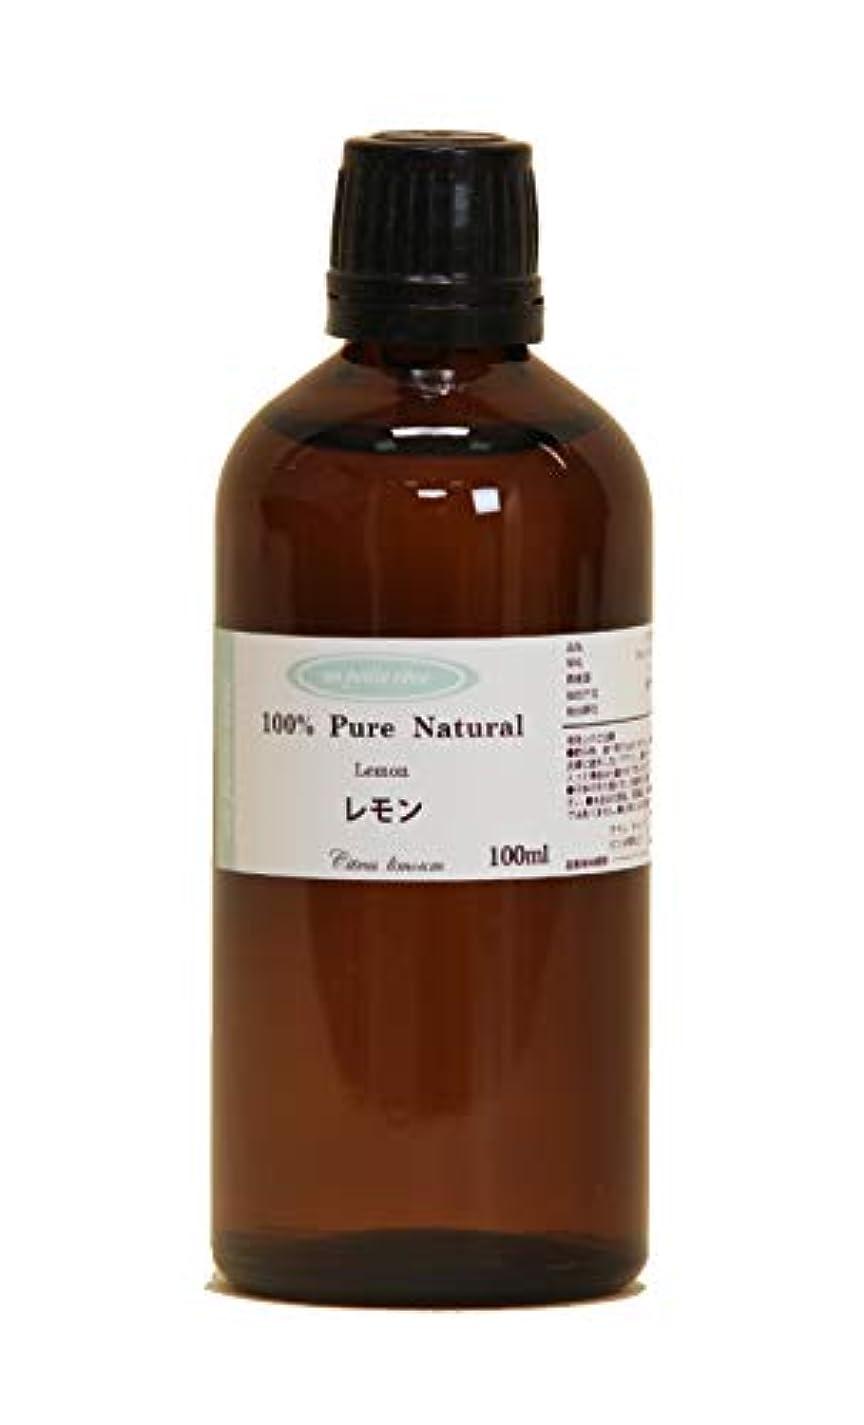 取るに足らないくつろぐ抑圧するレモン 100ml 100%天然アロマエッセンシャルオイル(精油)